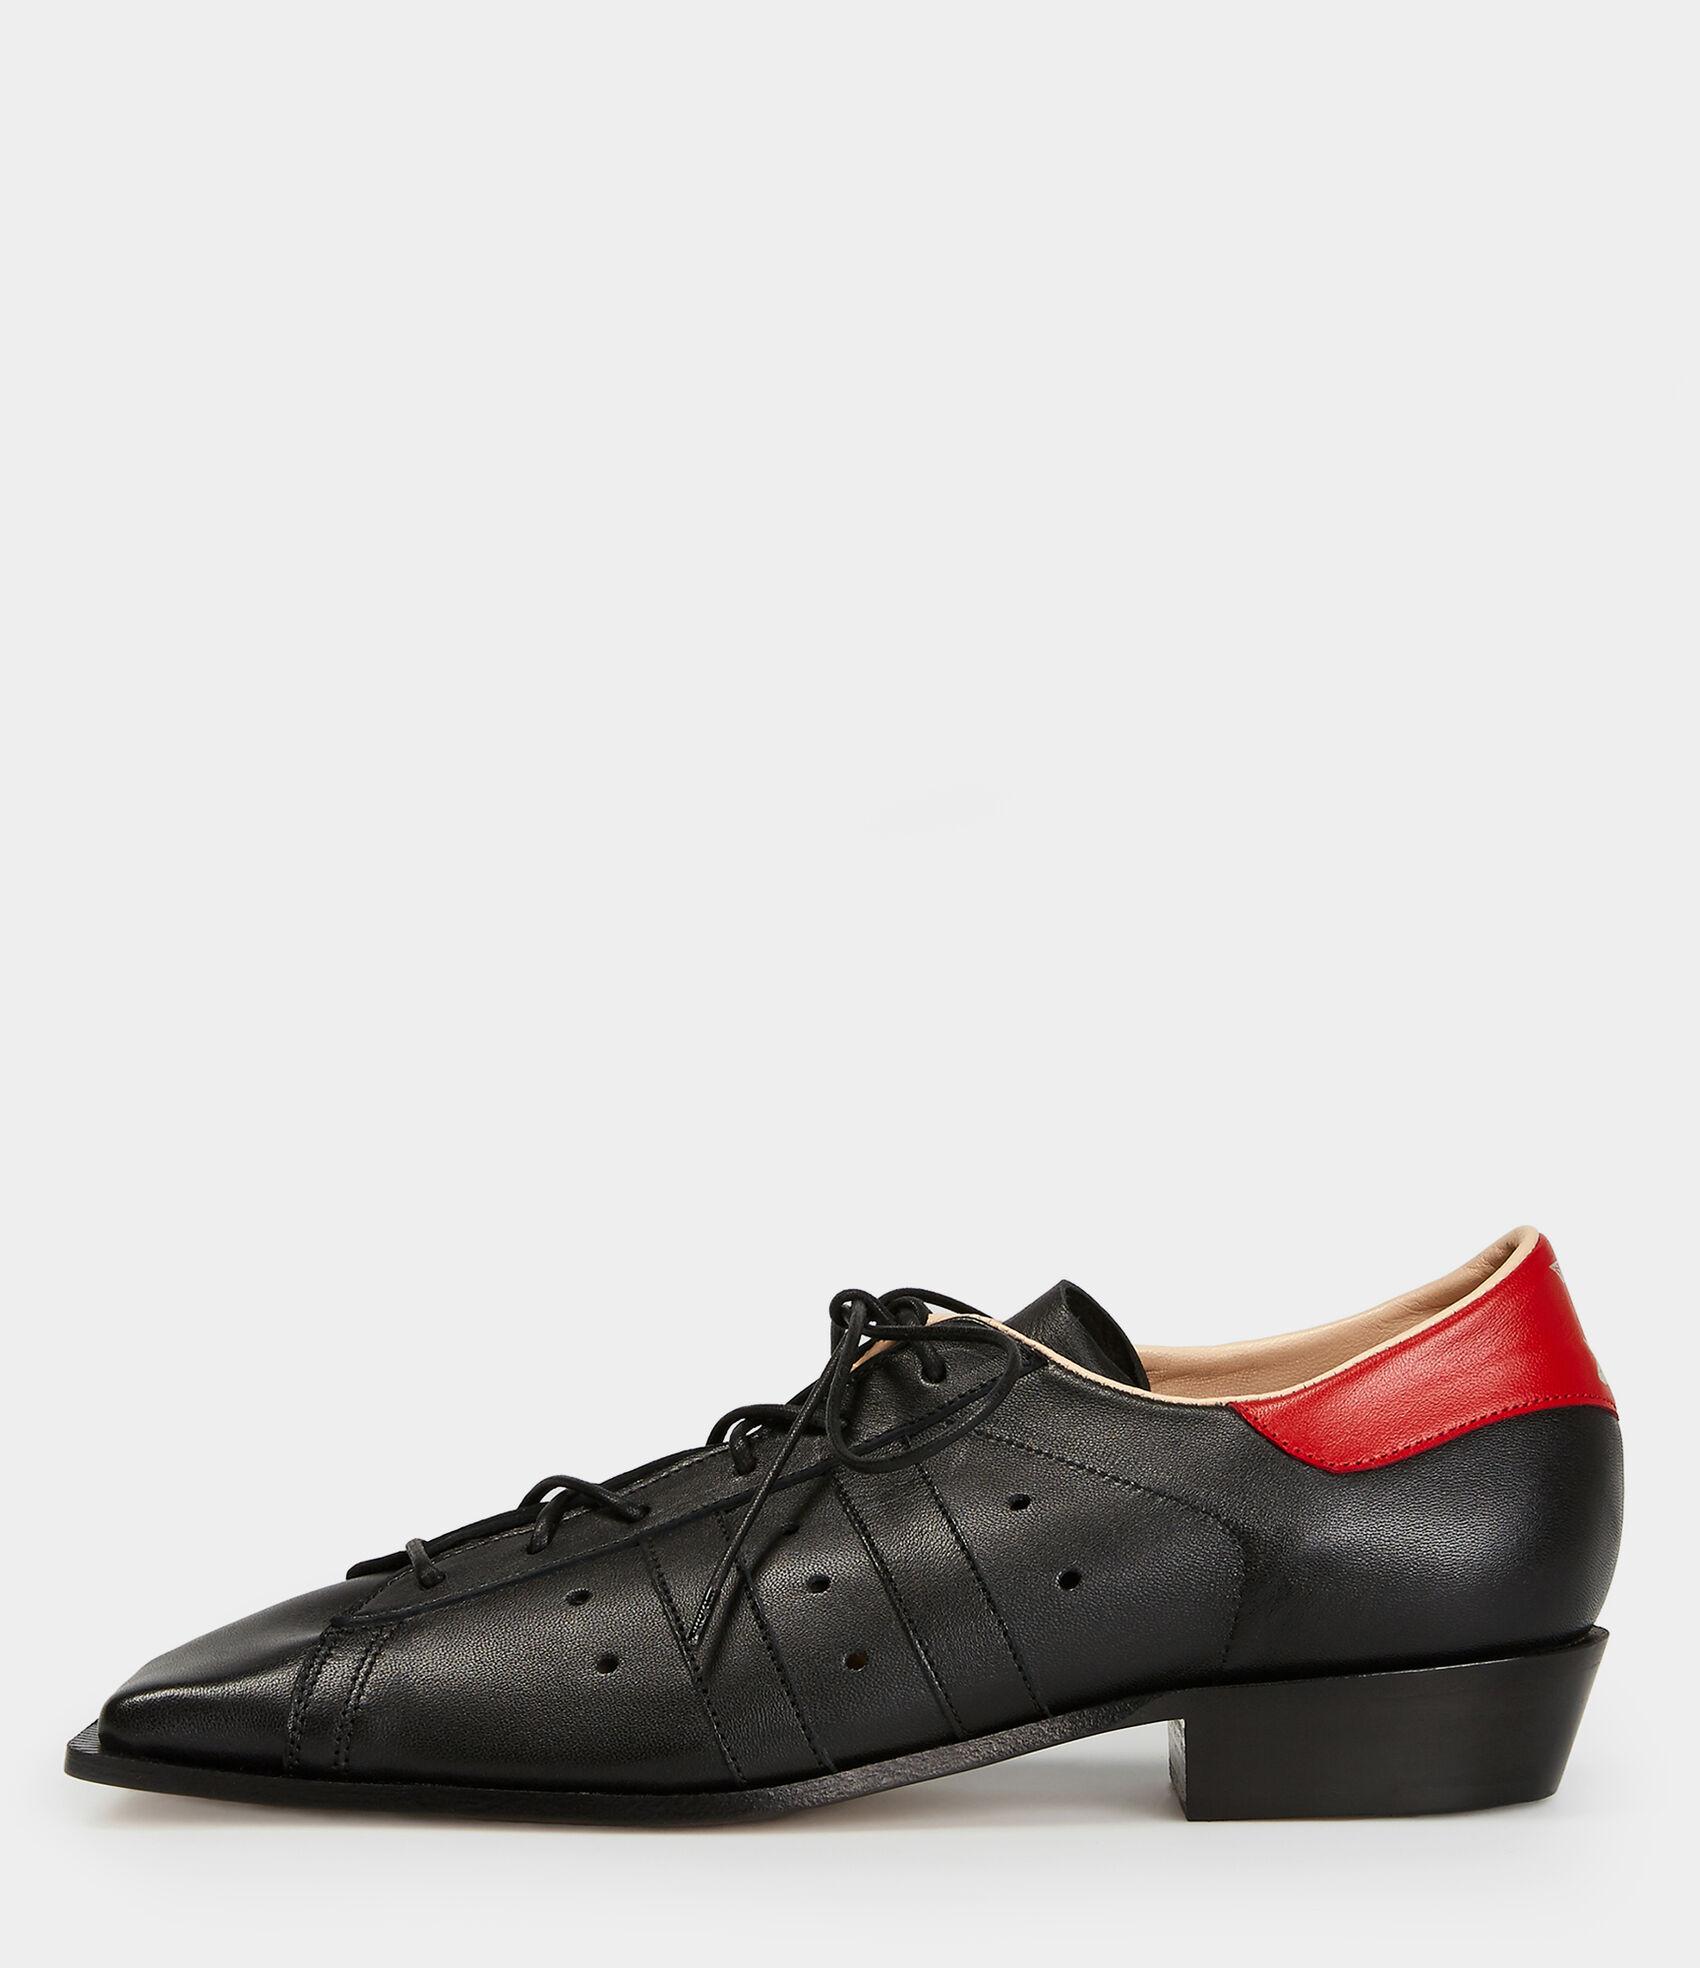 565f8005d3 Hammerhead Trainer | Men's Lace Up Shoes Black | Vivienne Westwood